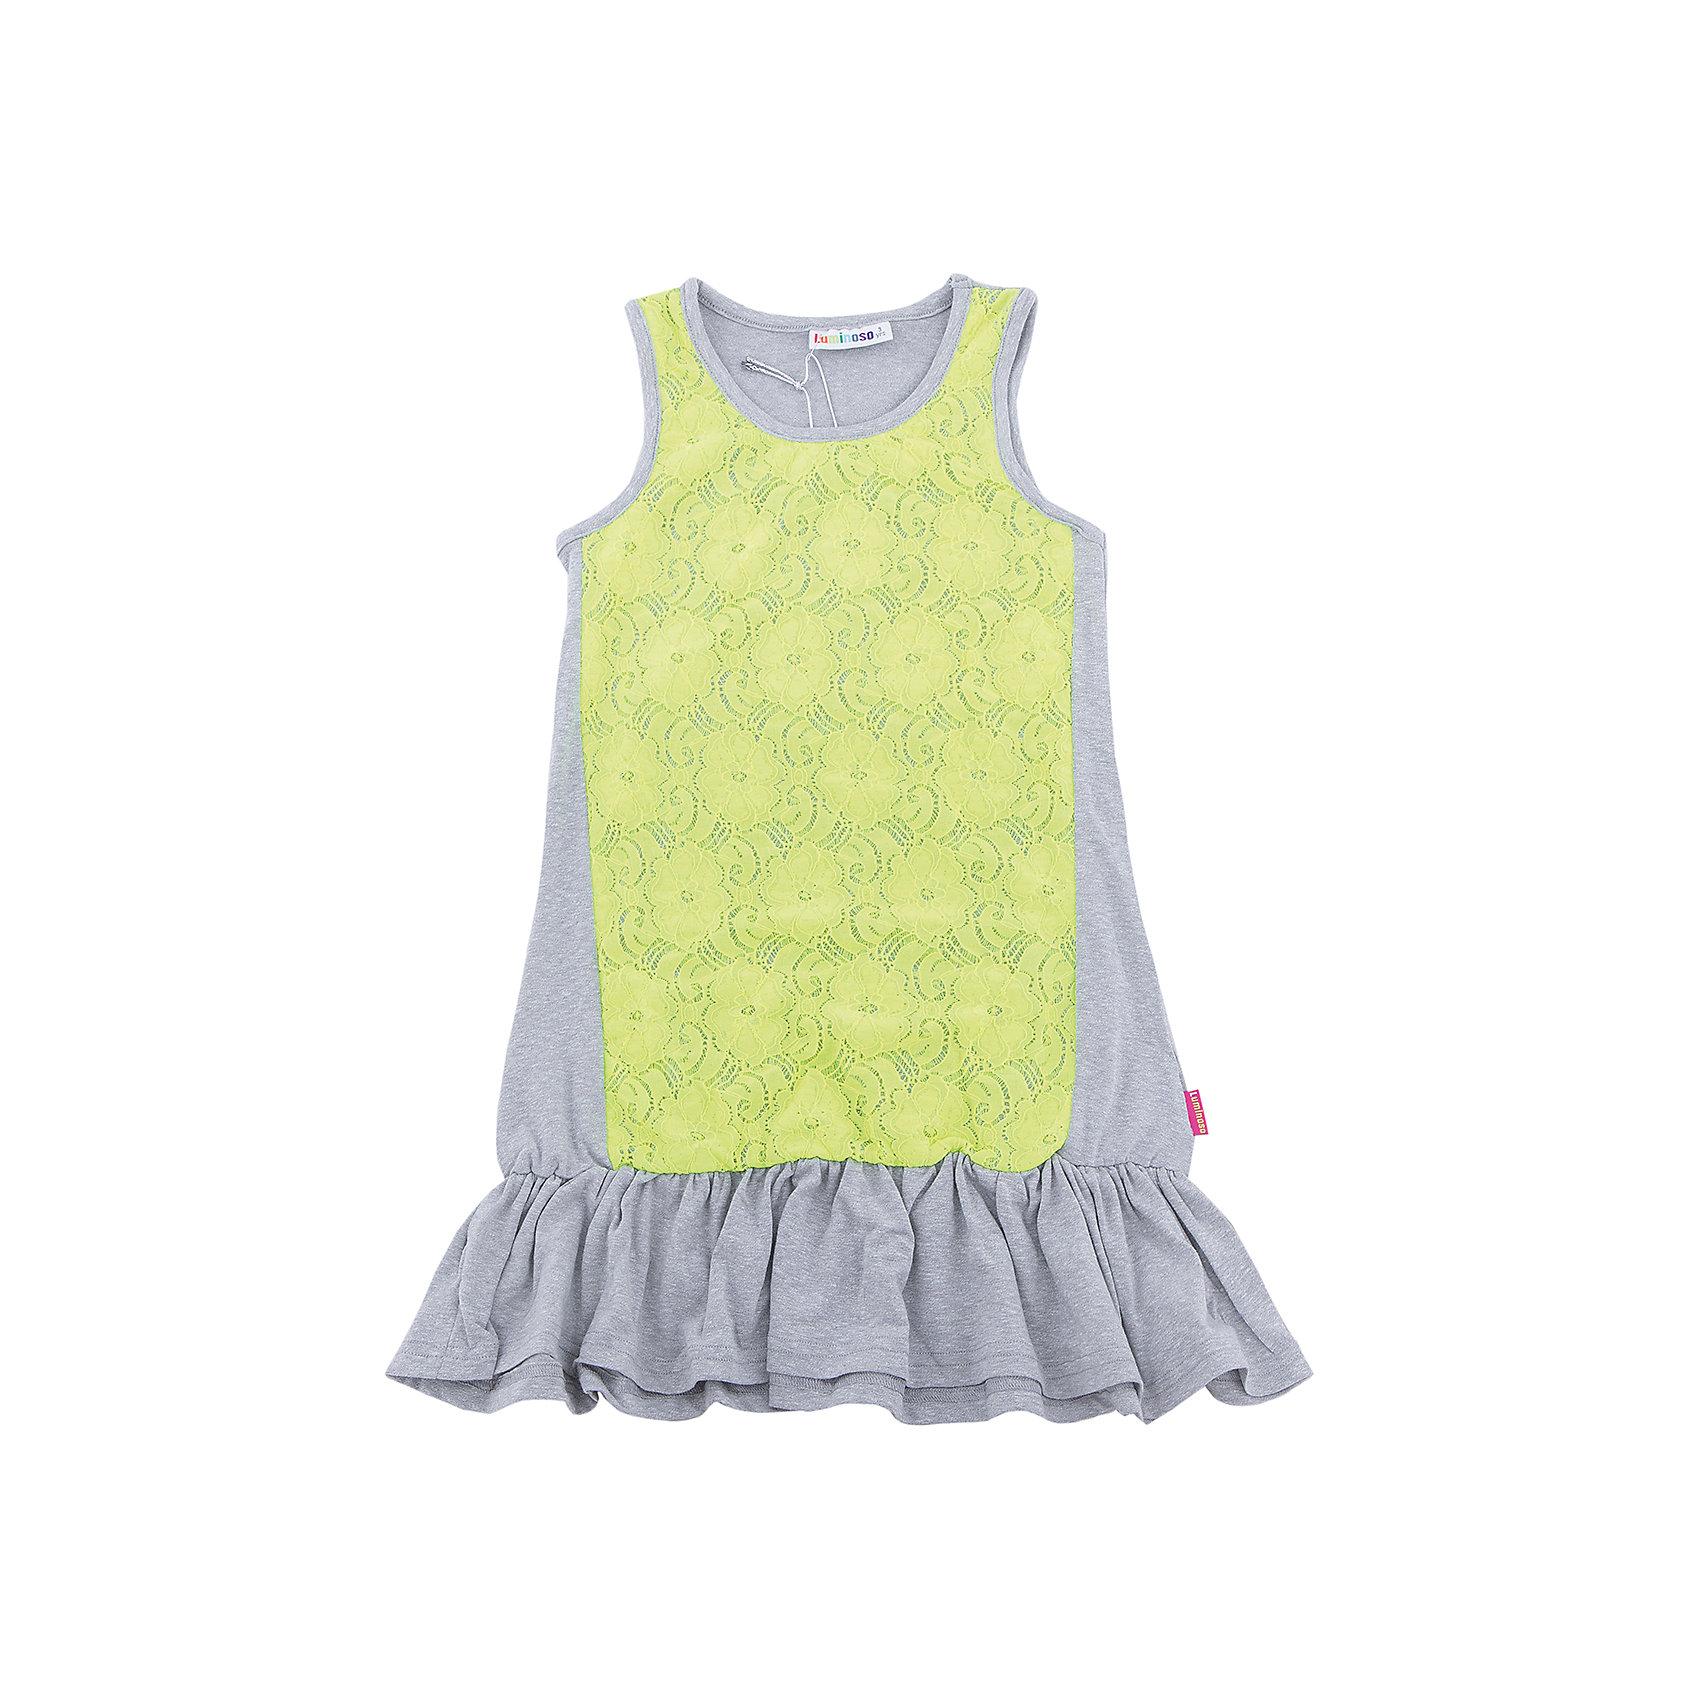 Платье для девочки LuminosoПлатья и сарафаны<br>Трикотажное платье для девочки декорированное контрастным кружевом и воланом по низу изделия. Свободный крой.<br>Состав:<br>48%полиэстер 36%вискоза  11.7%хлопок 4.3%эластан<br><br>Ширина мм: 236<br>Глубина мм: 16<br>Высота мм: 184<br>Вес г: 177<br>Цвет: разноцветный<br>Возраст от месяцев: 96<br>Возраст до месяцев: 108<br>Пол: Женский<br>Возраст: Детский<br>Размер: 134,140,146,152,158,164<br>SKU: 5413654